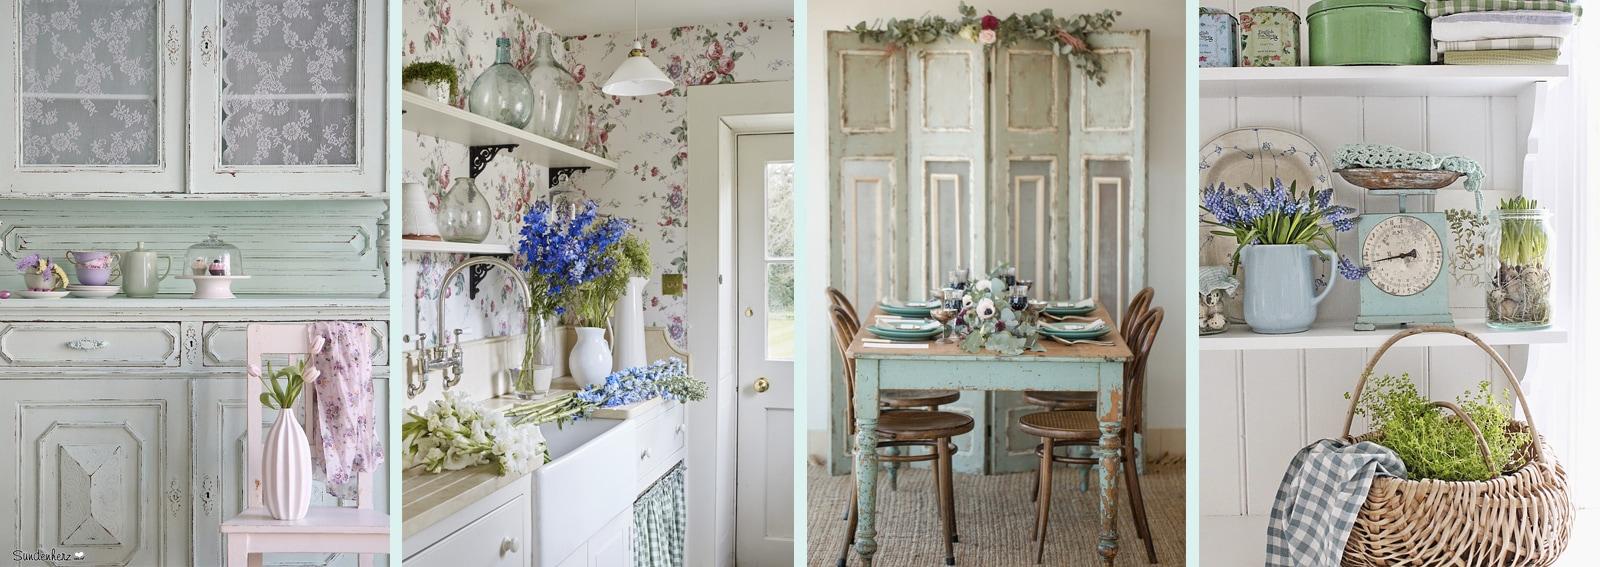 Come arredare la cucina in stile shabby chic grazia - Casa in stile shabby chic ...